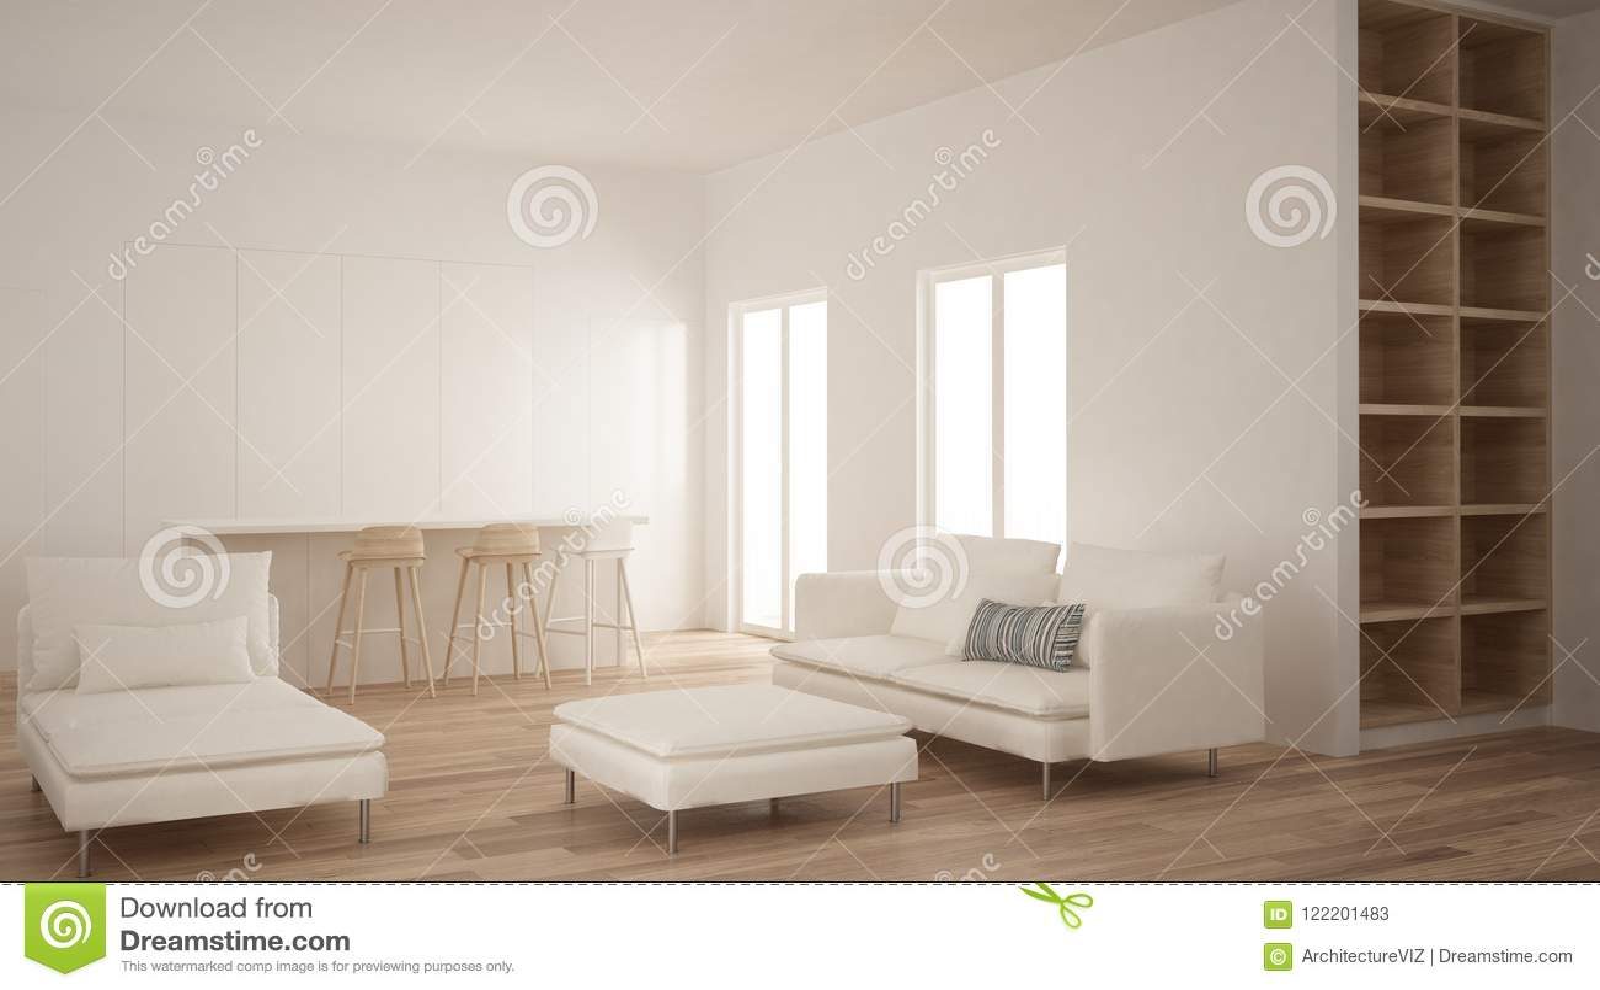 Cucina Legno E Bianco minimalismo, stanza vuota moderna con la cucina nascosta